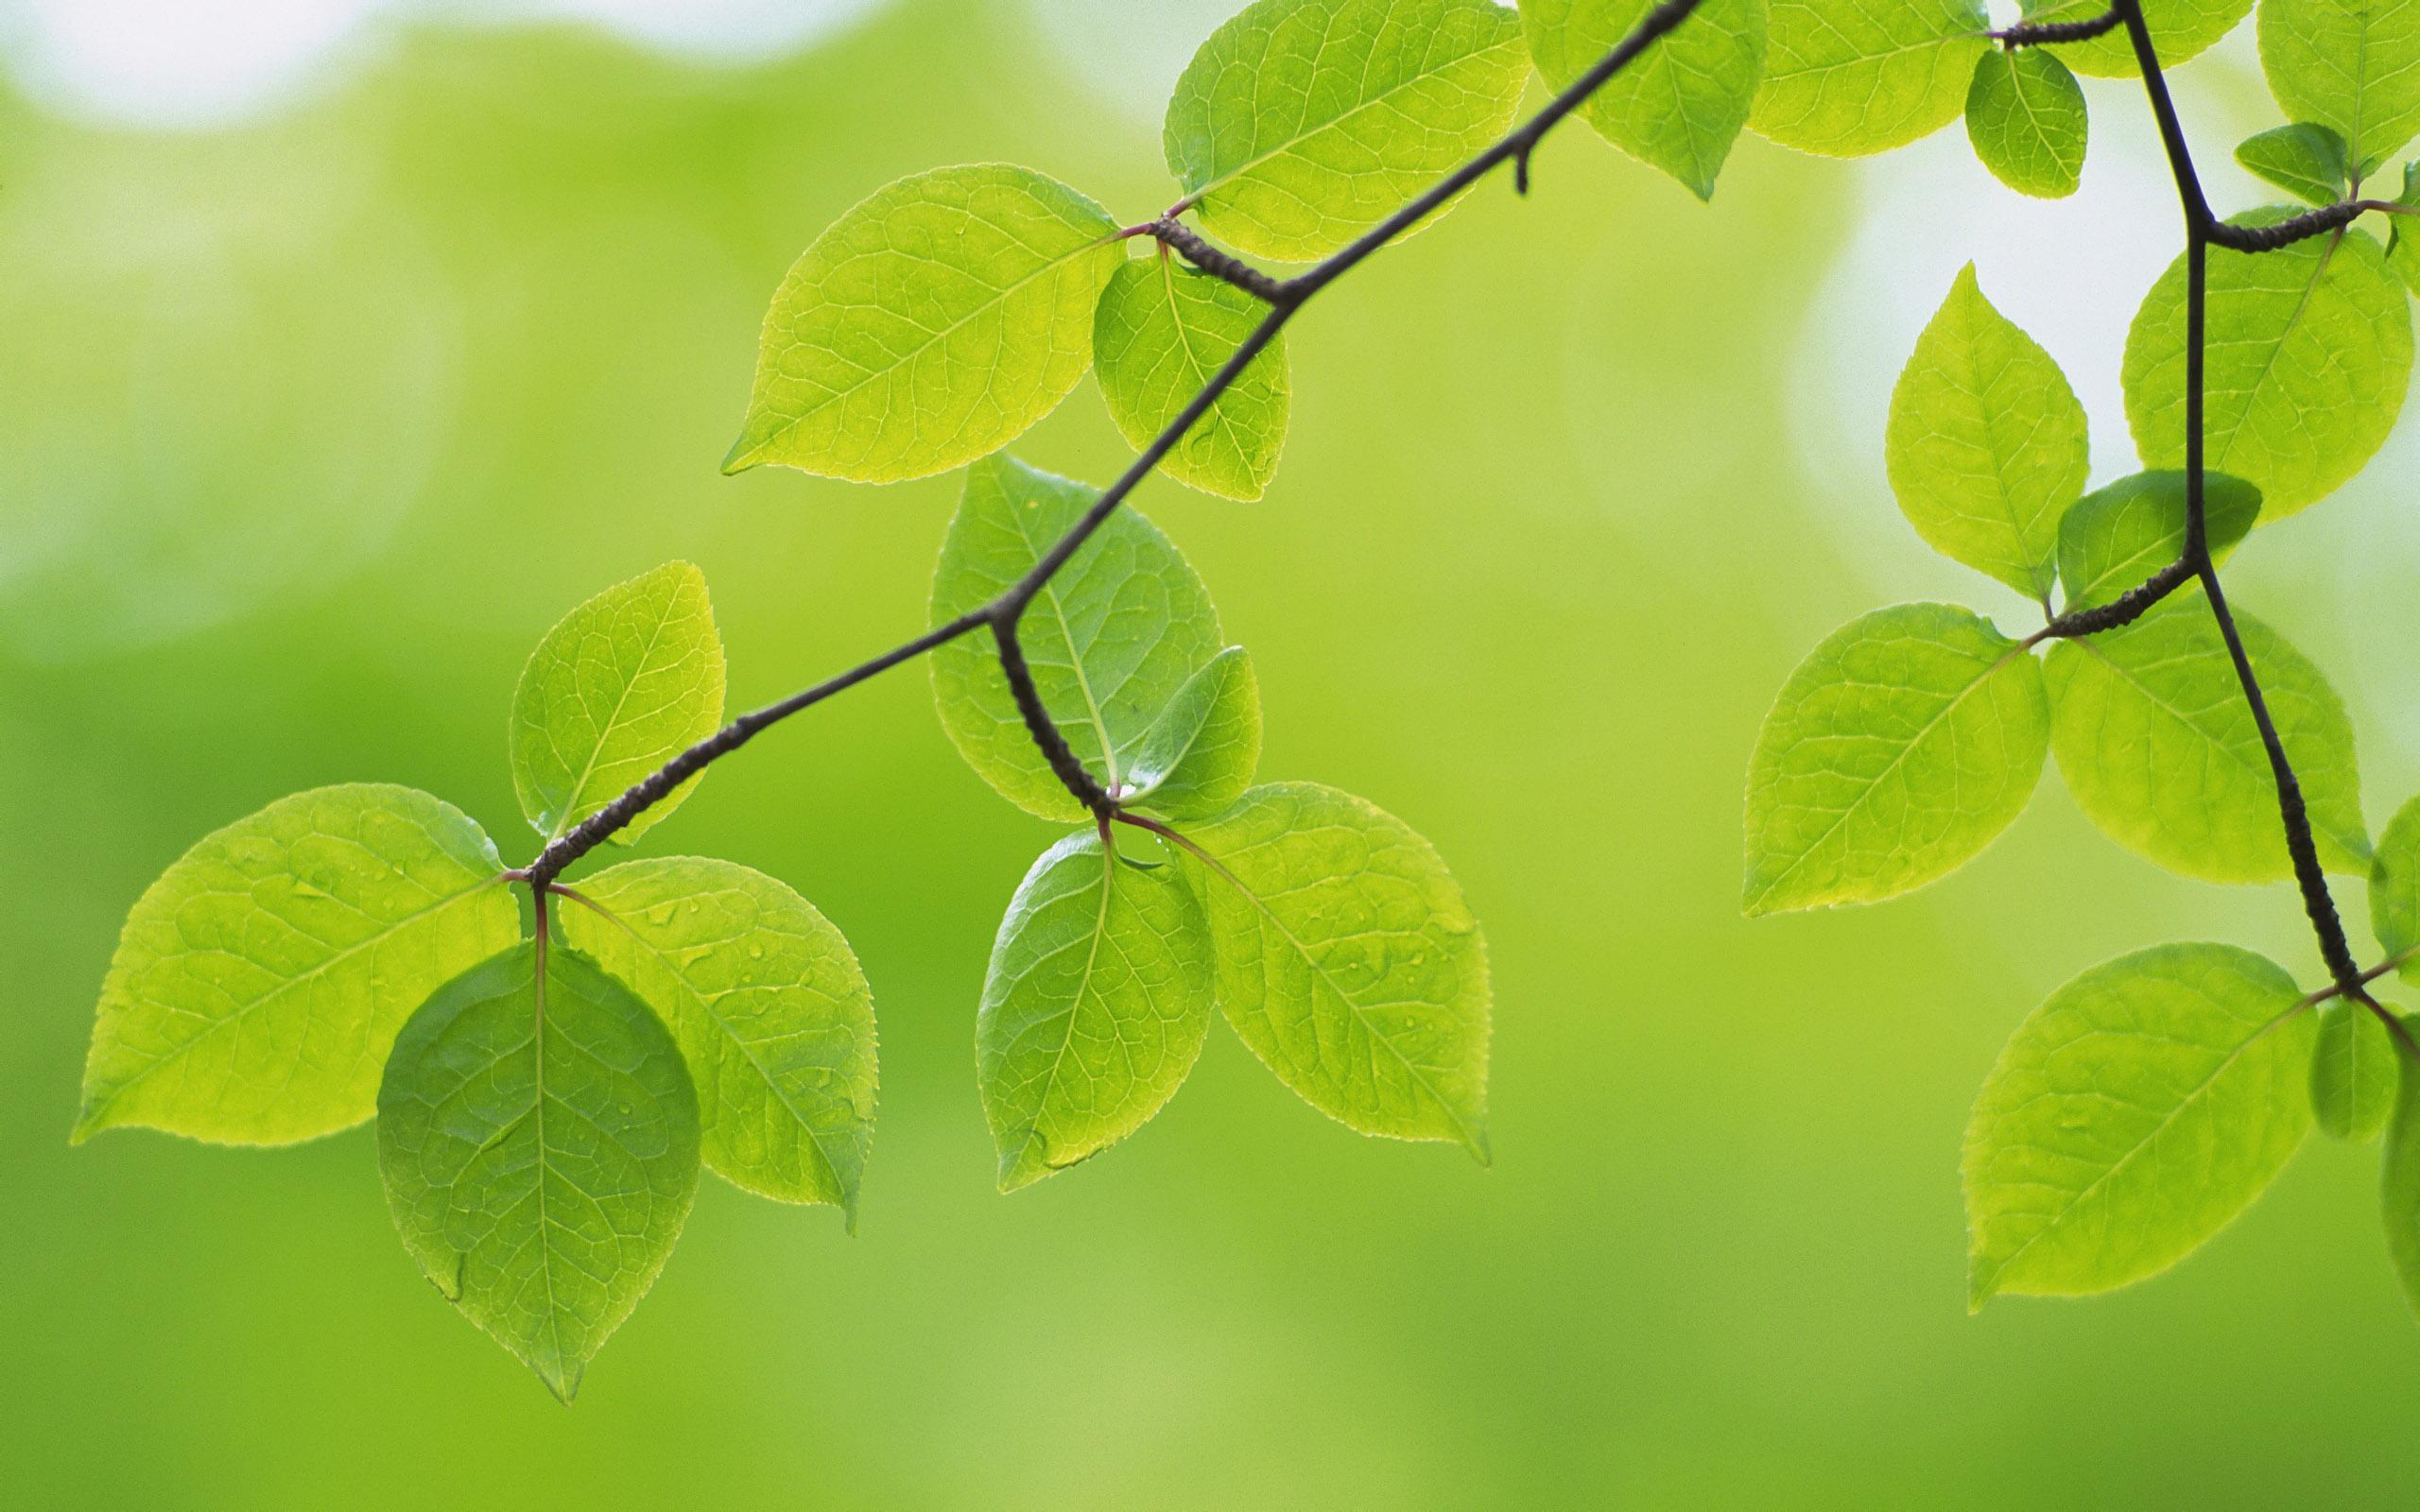 Fondos de pantalla de hojas